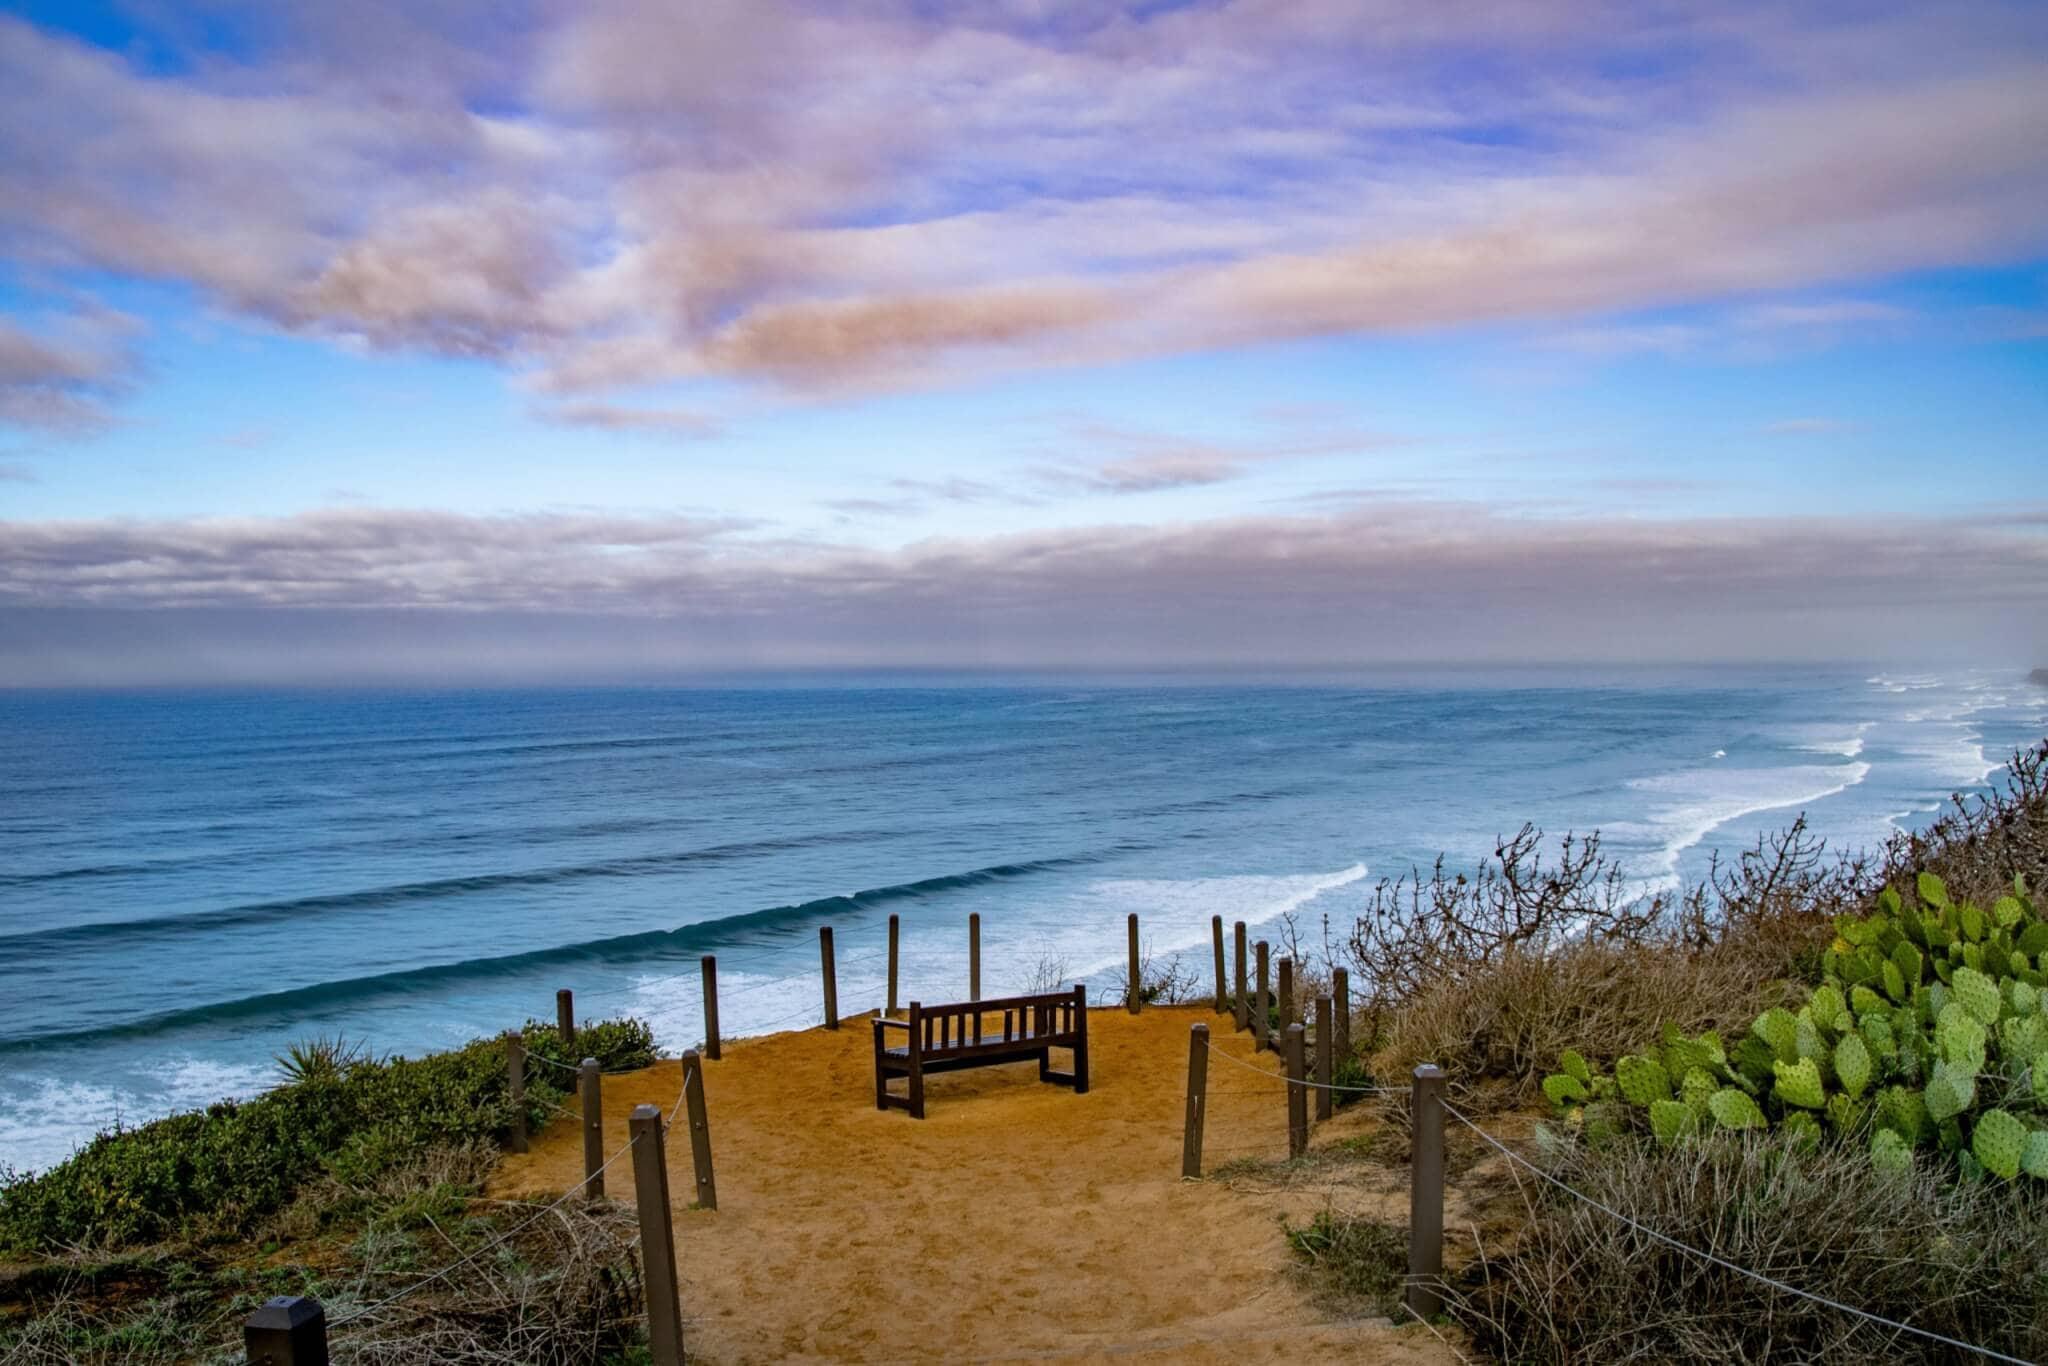 Bench overlooking Torrey Pines State Beach in Del Mar, CA